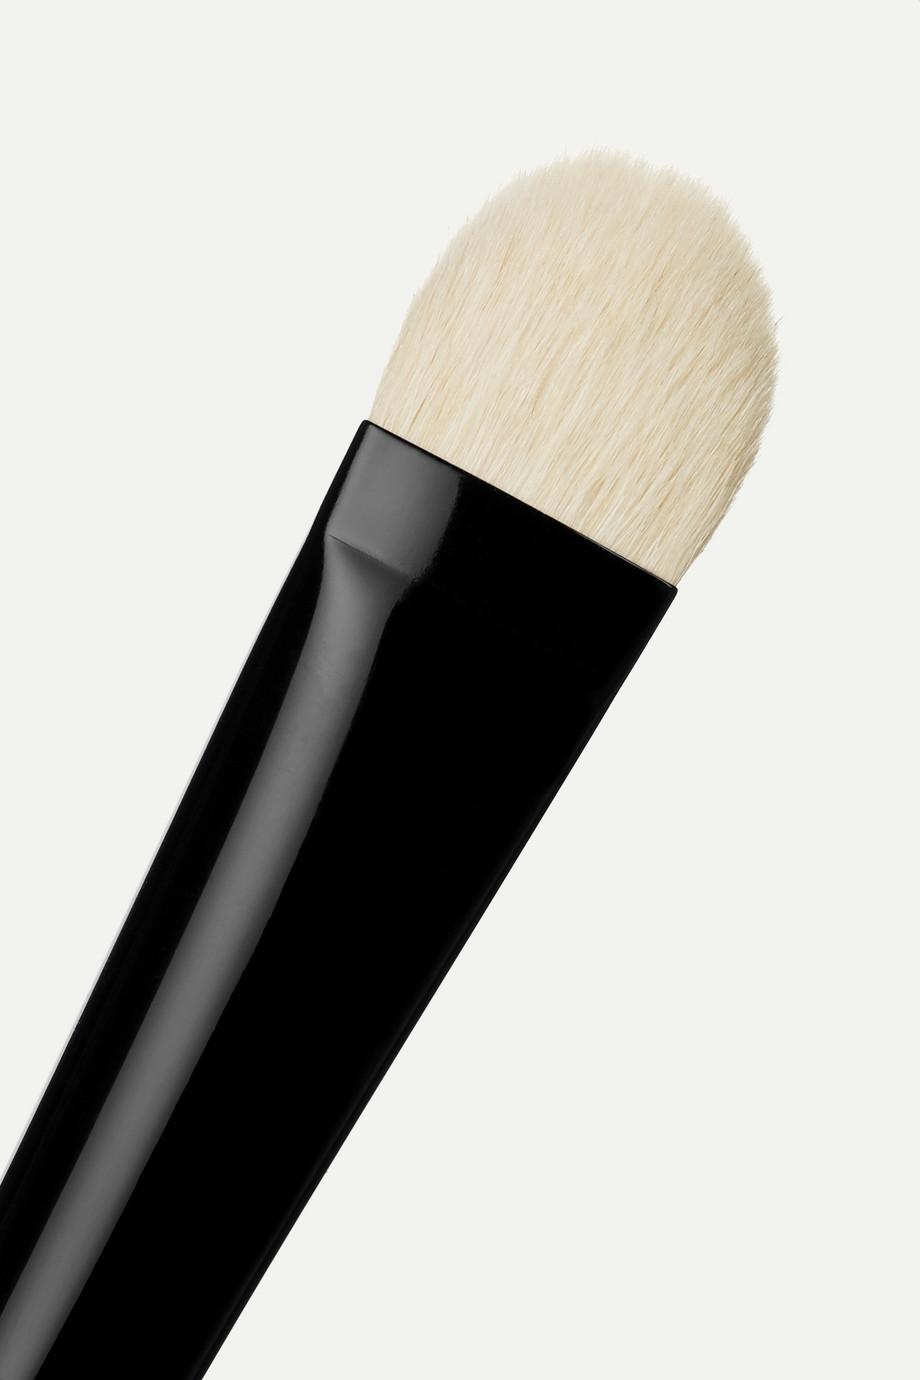 Rae Morris Jishaku 6.5 Angle Eye Blender Brush – Pinsel